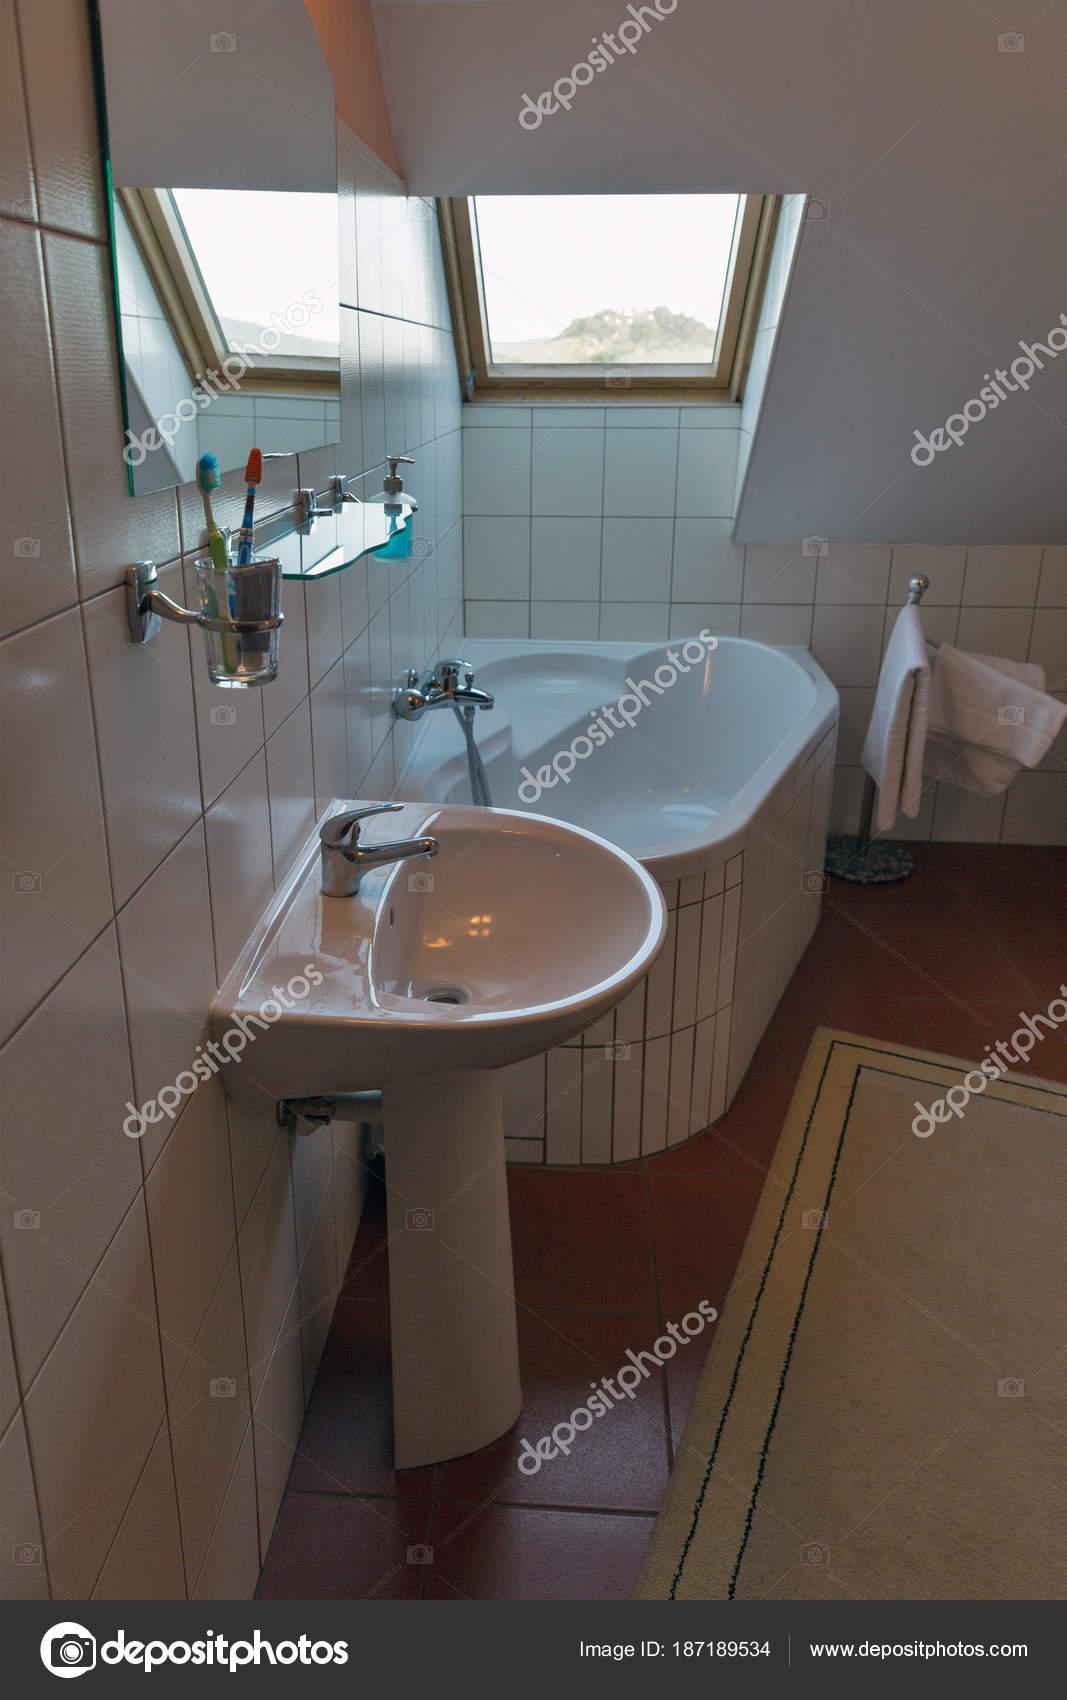 Blanc Petite Salle De Bains Moderne Avec Baignoire Du0027angle, Lavabo, Miroir  Et Fenêtre. Banska Stiavnica, Slovaquie U2014 Image De ...